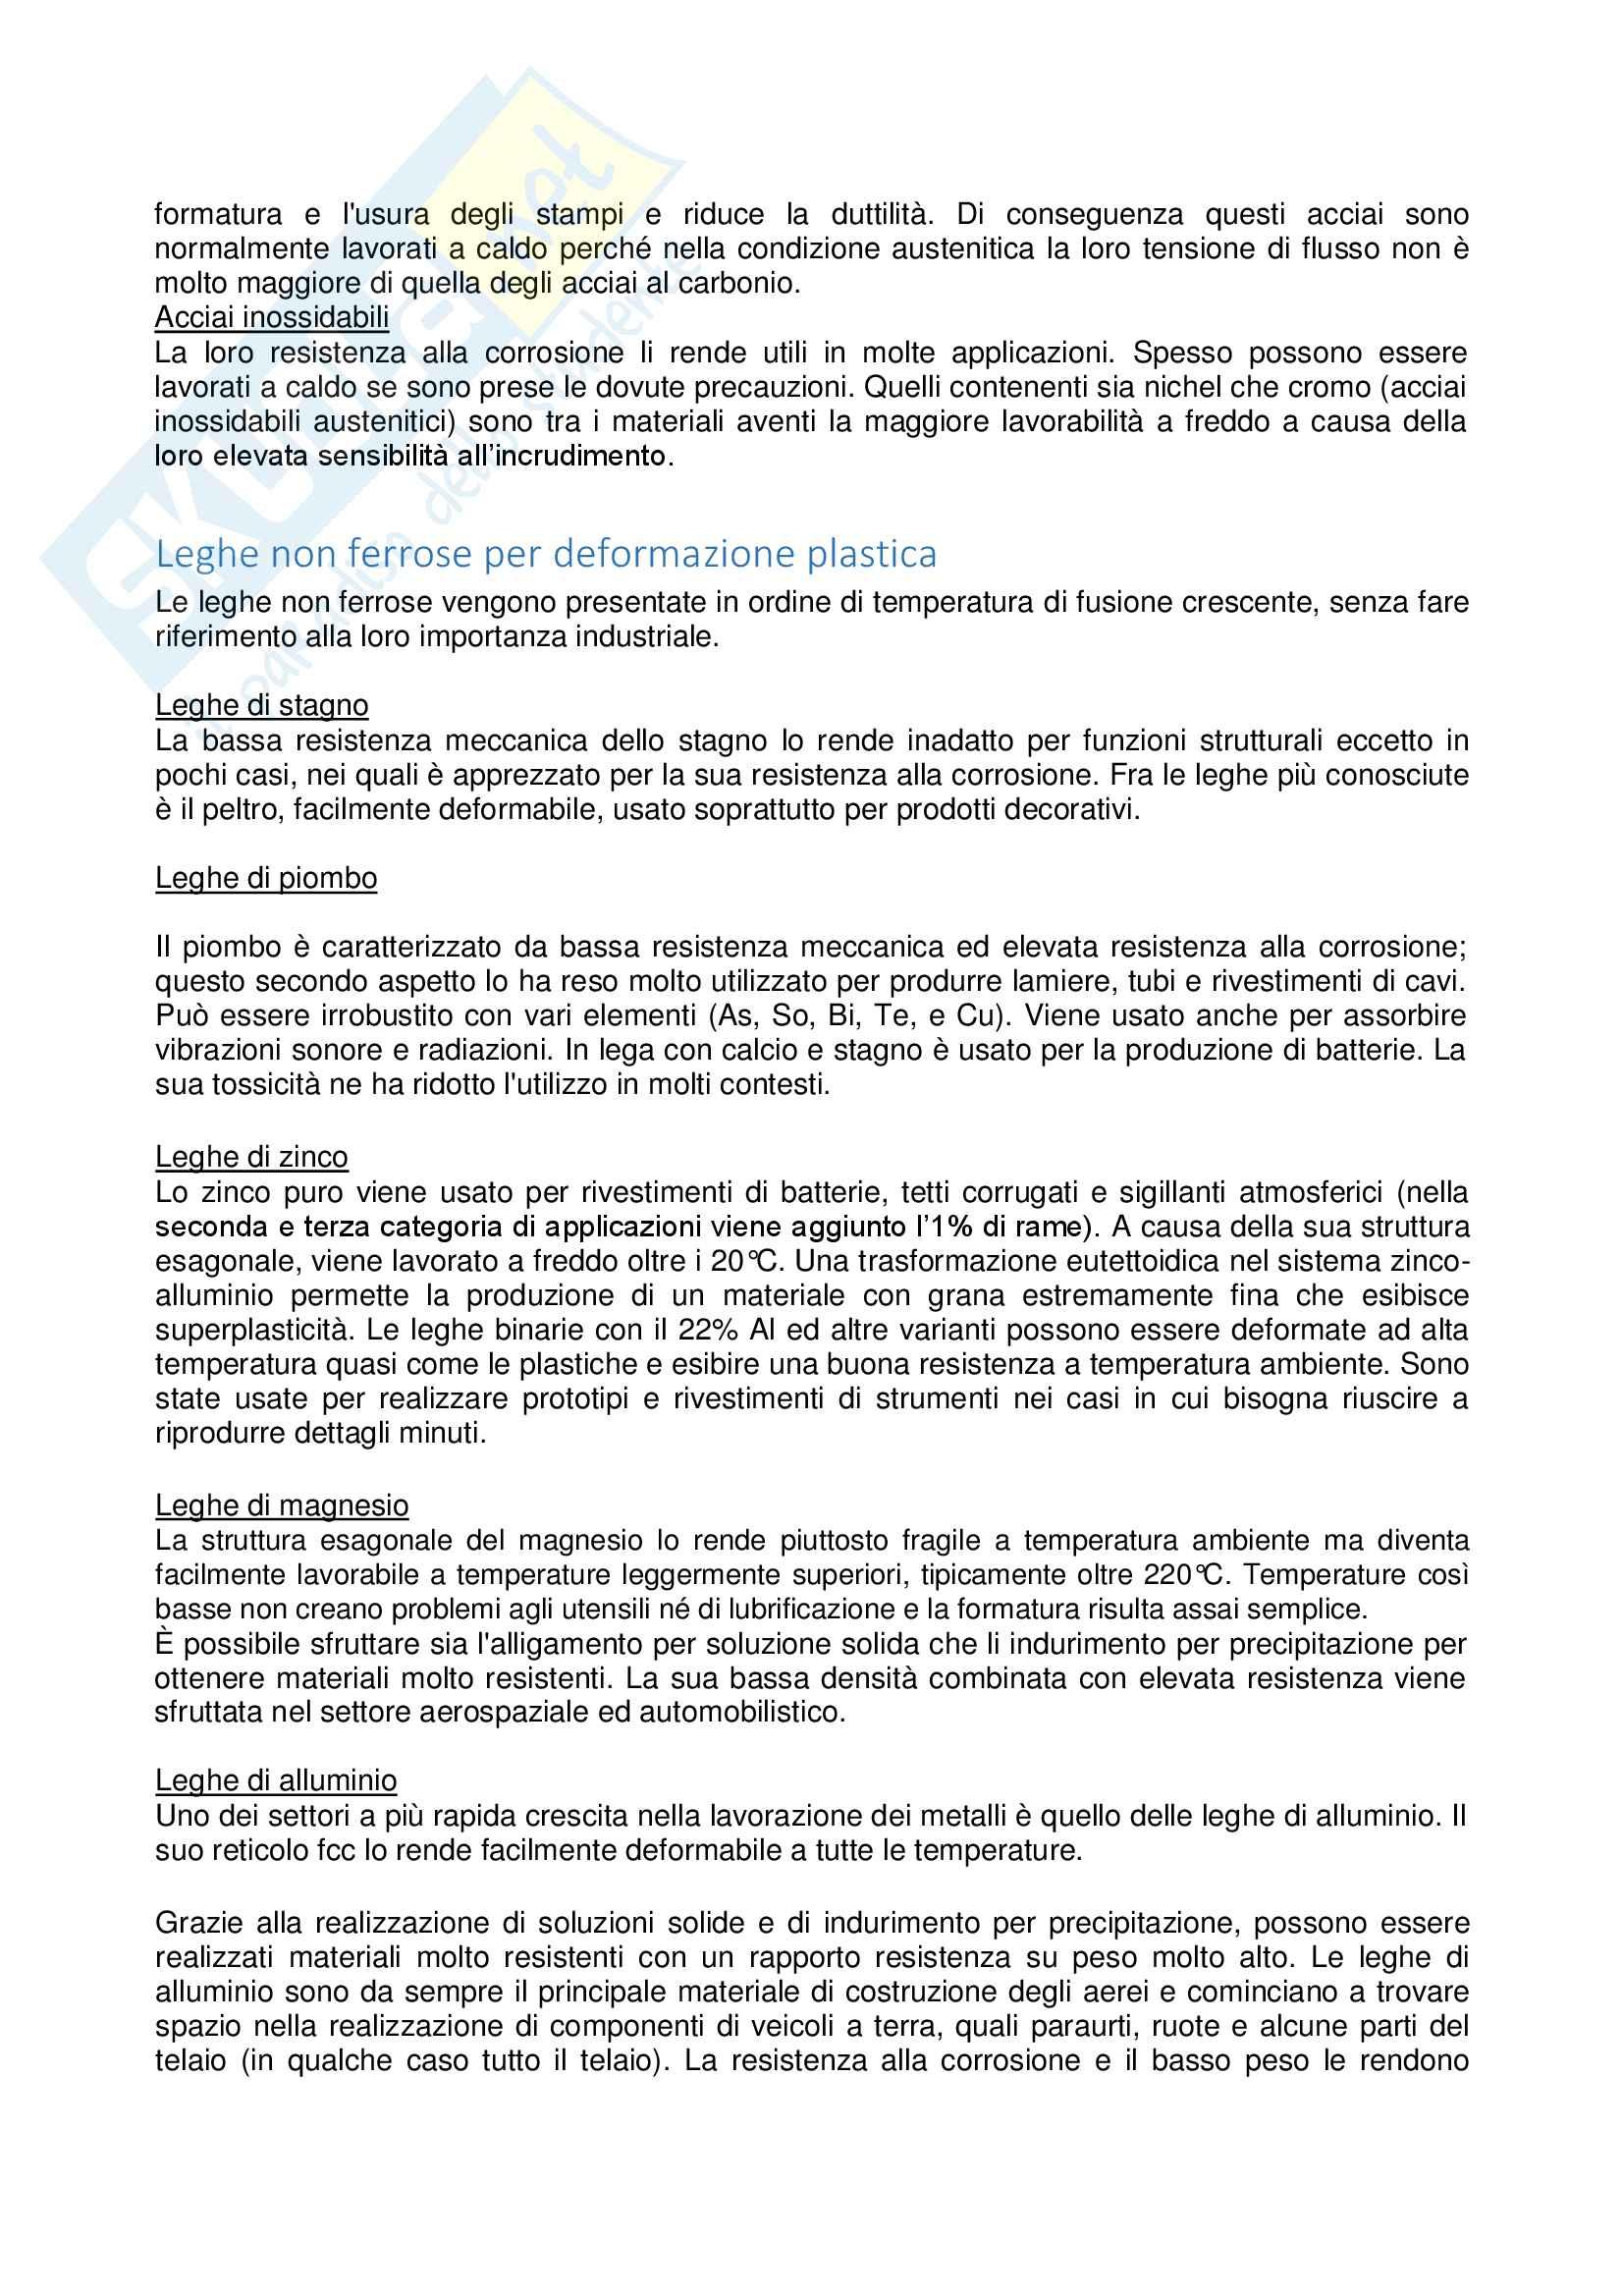 Appunti tecnologia meccanica Pag. 91